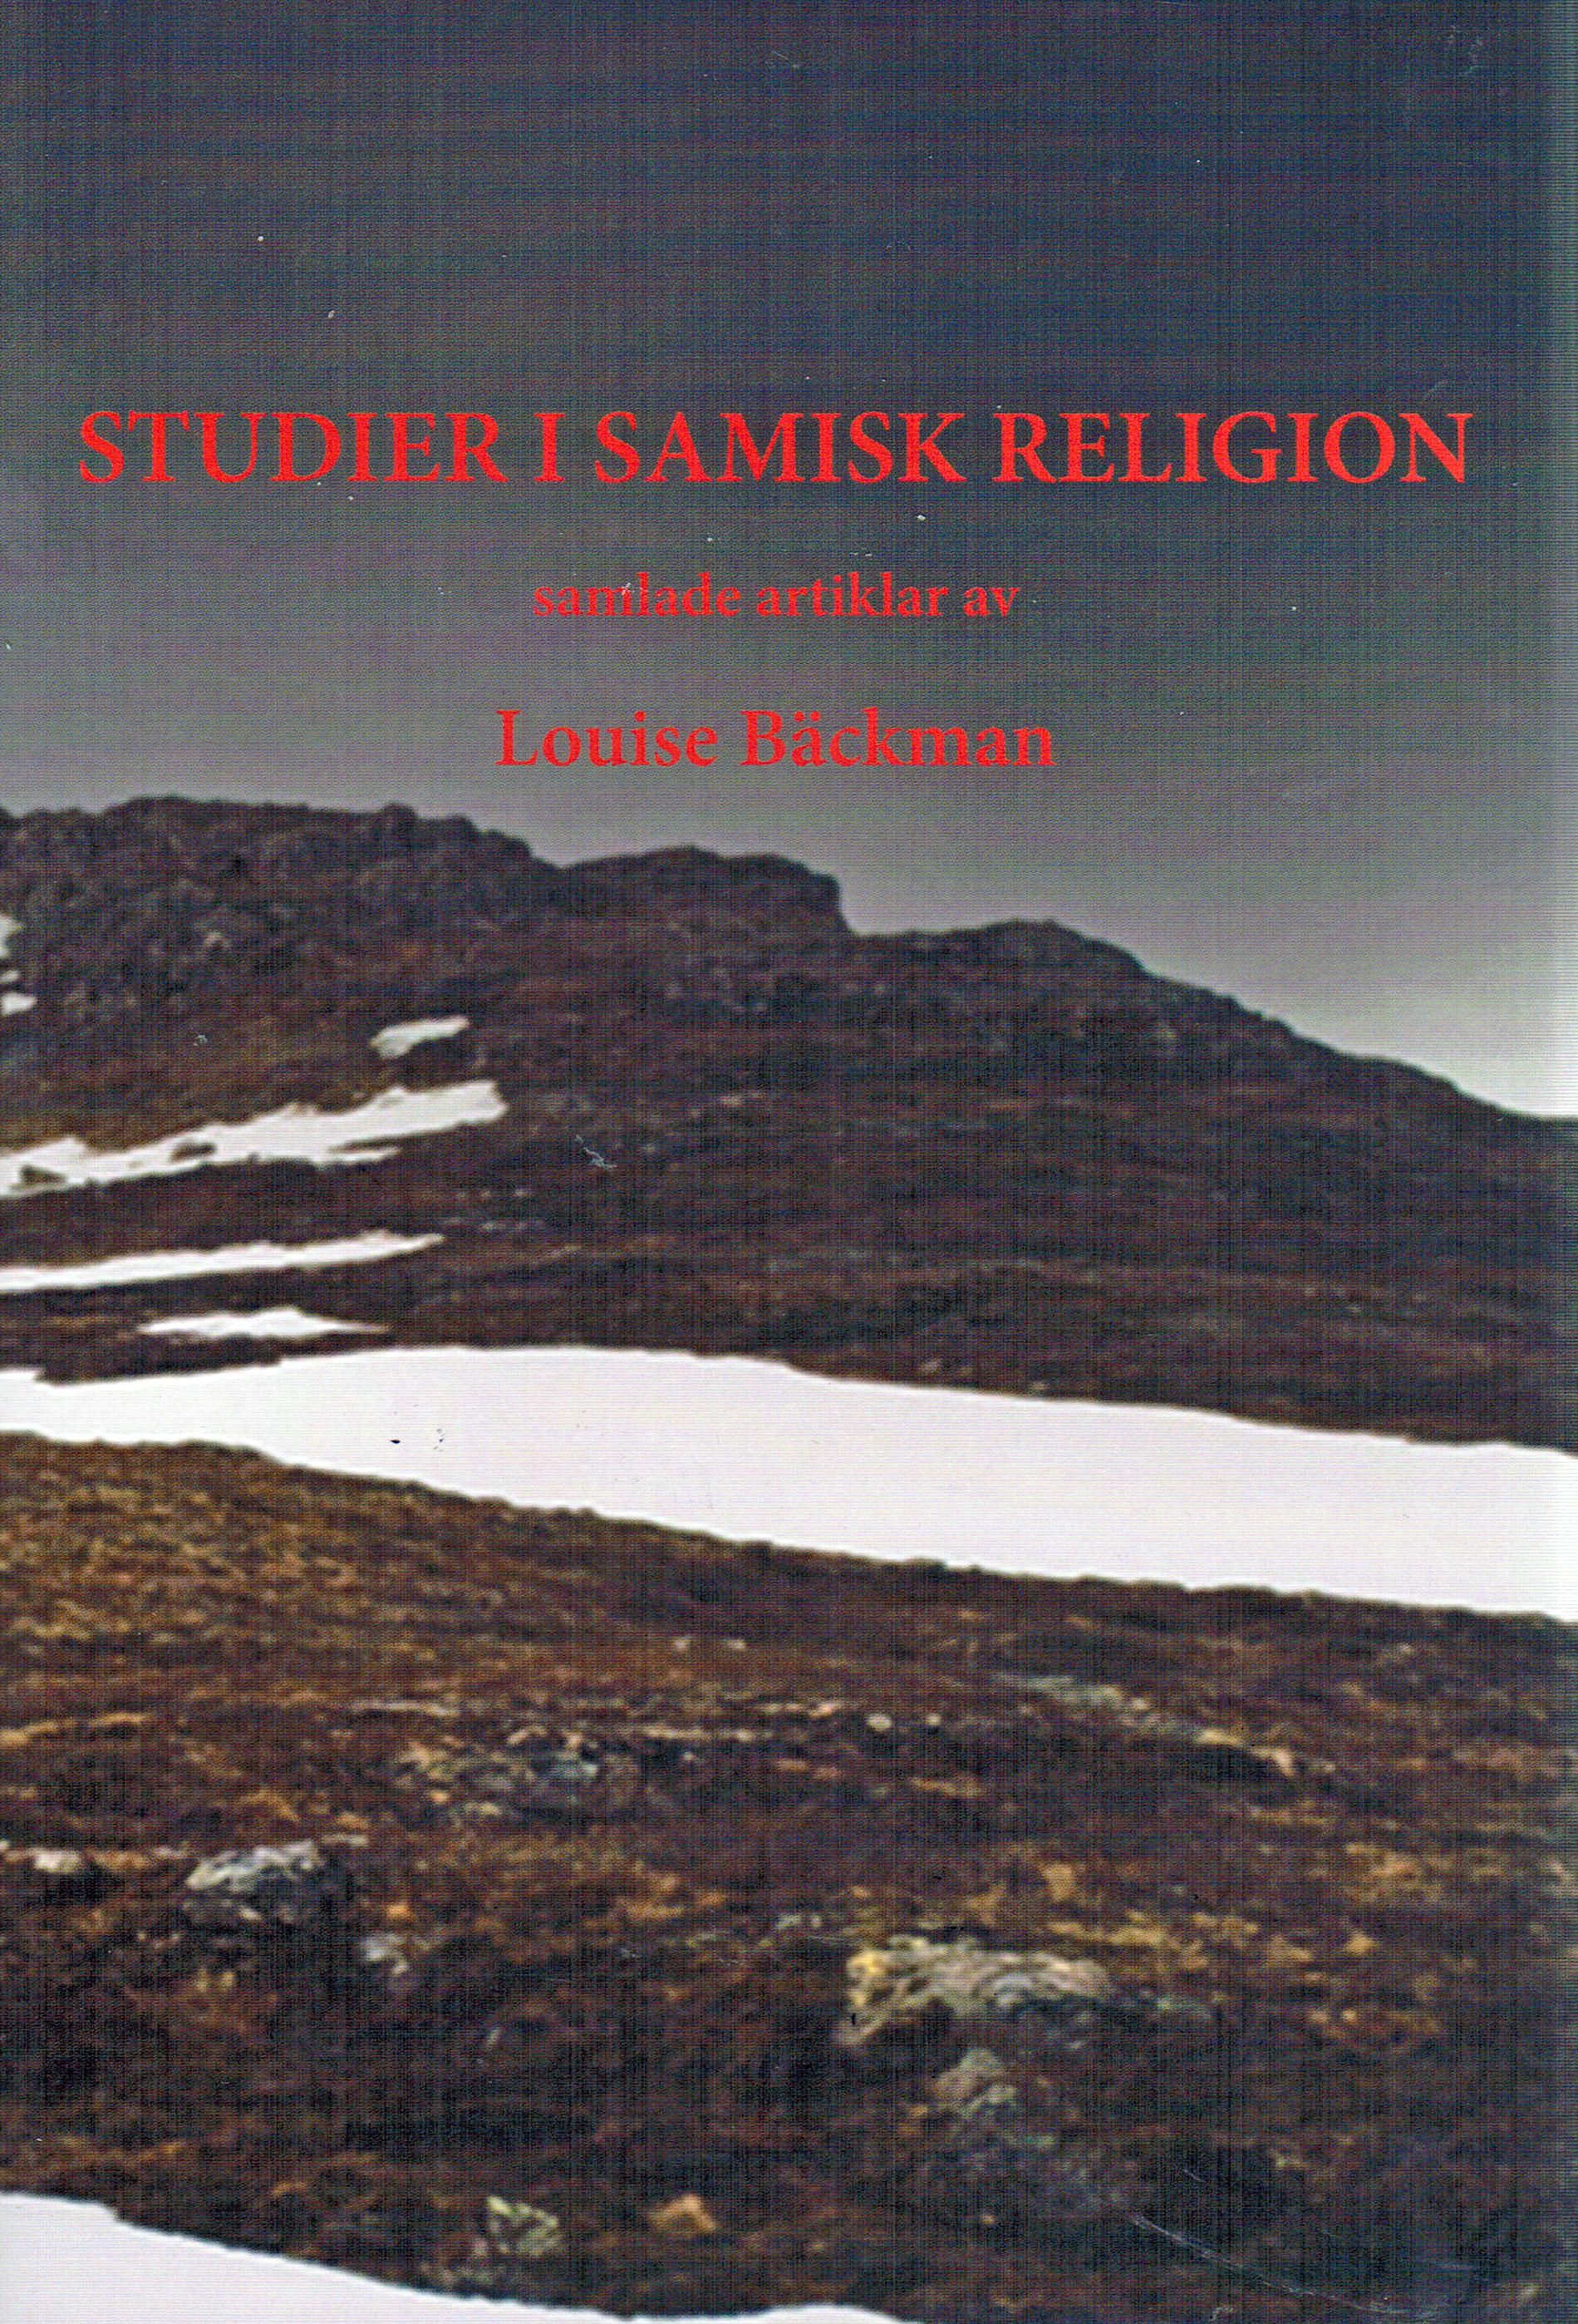 Studier i samisk religion